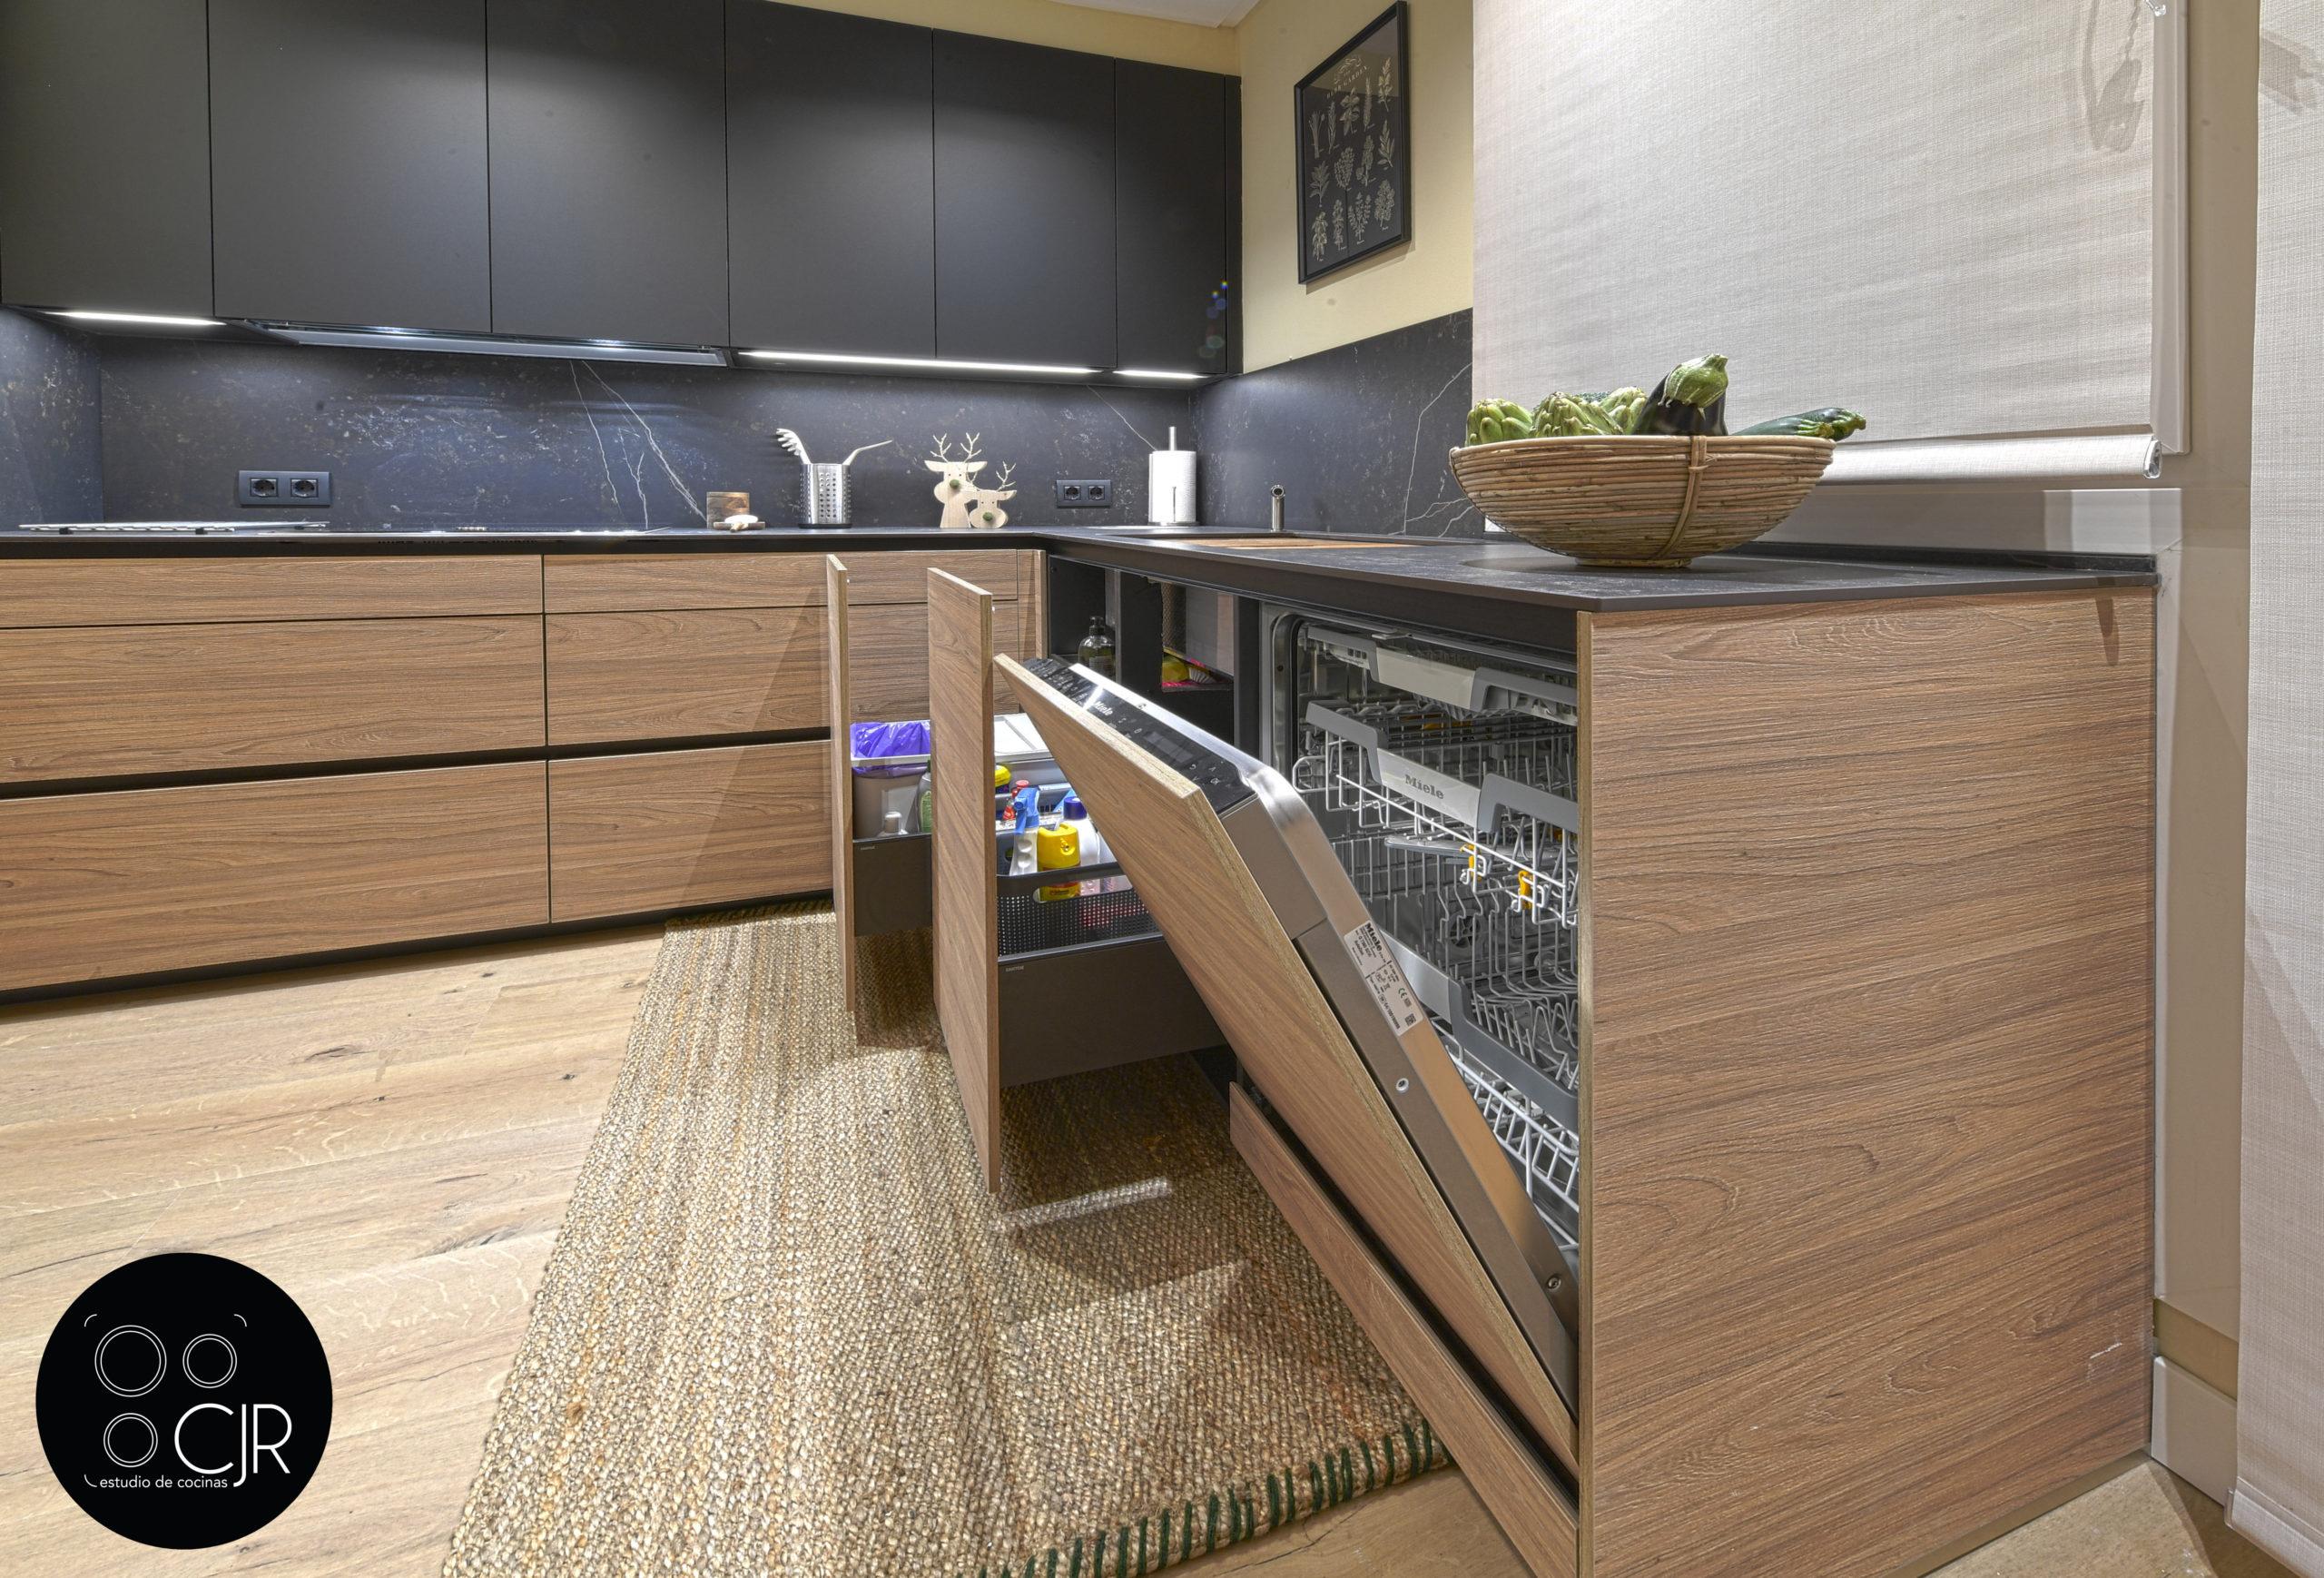 Zona la lavavajillas en cocina moderna negra y madera